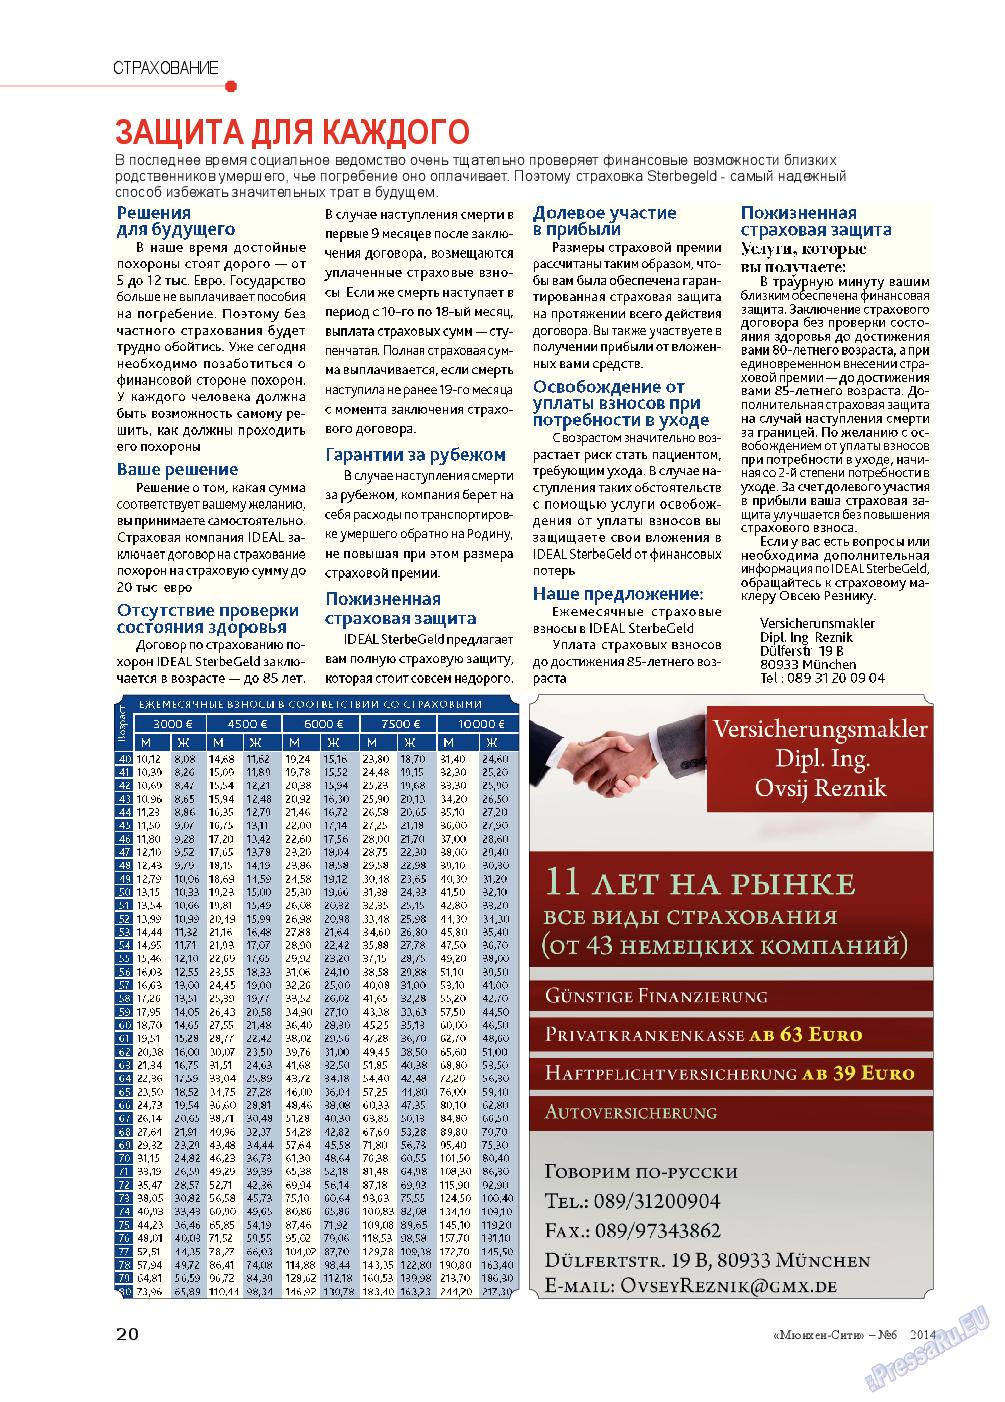 Мюнхен-сити (журнал). 2014 год, номер 6, стр. 20